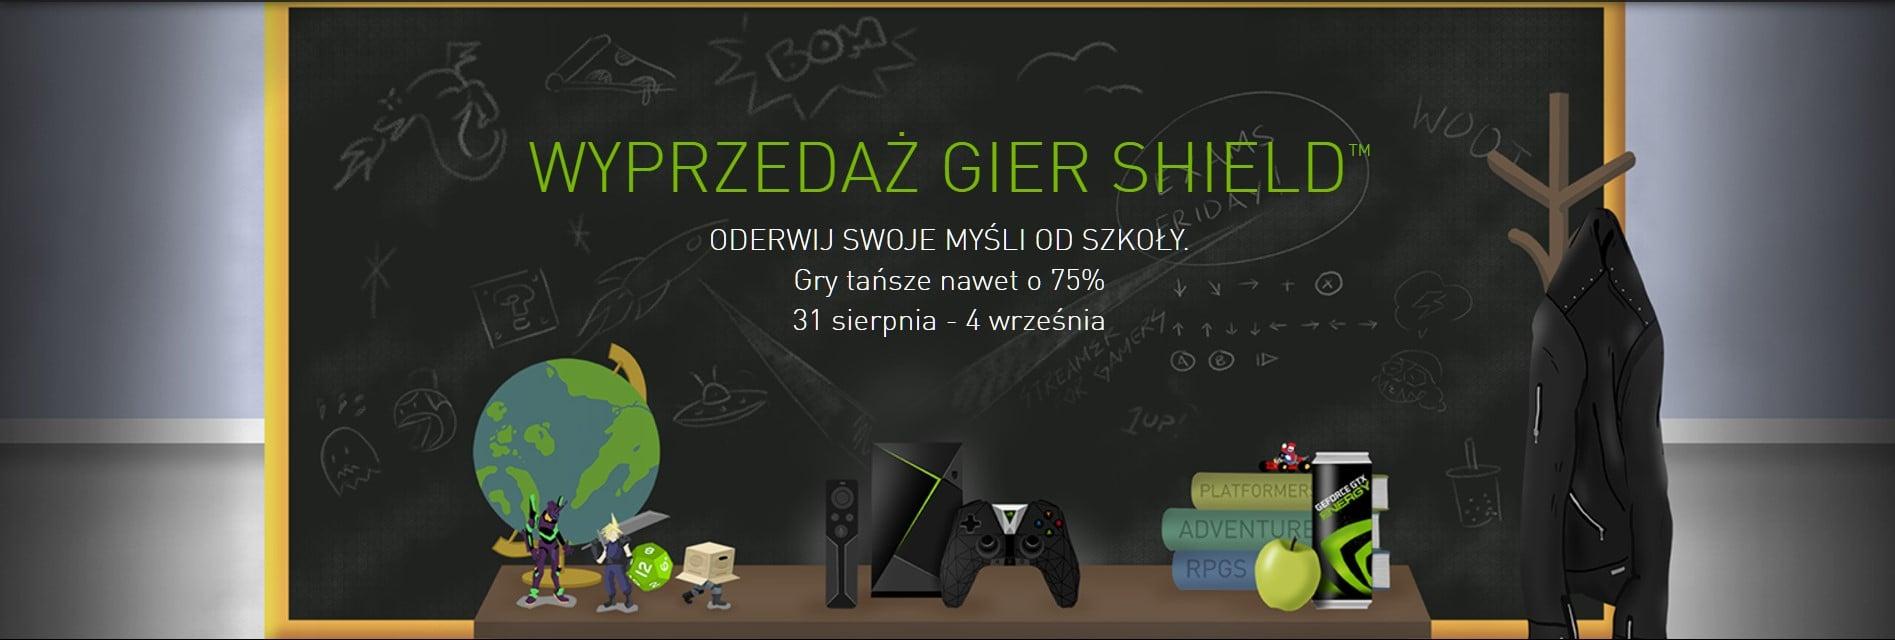 Tabletowo.pl NVIDIA wynagradza początek roku szkolnego obniżką cen gier - nawet o 75% NVIDIA Promocje